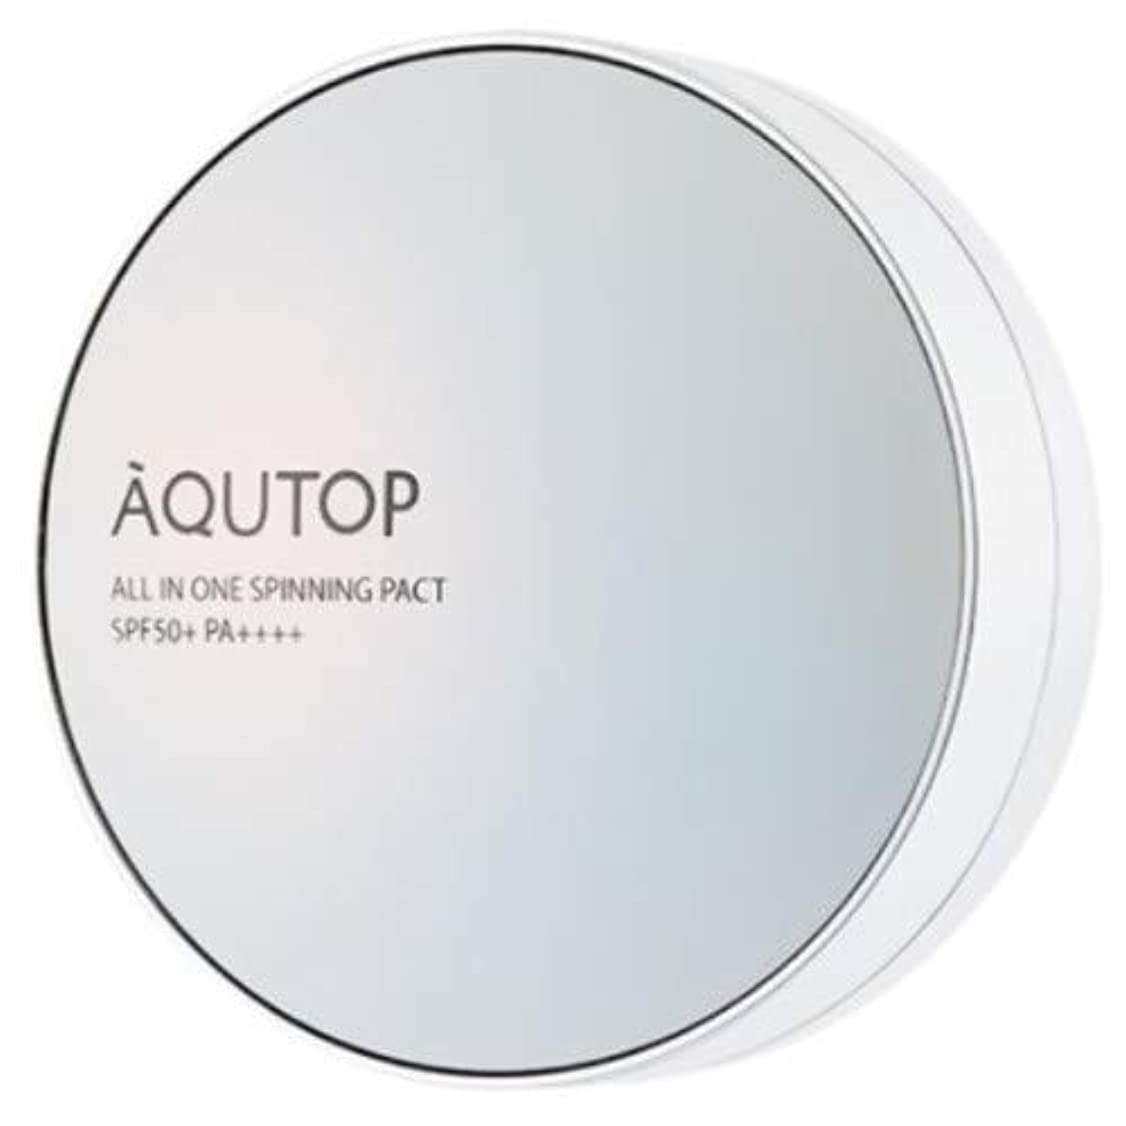 できた版コットン[AQUTOP] アクタップオールインワンスピニングファクト SPF 50+ PA ++++ / AQUTOP ALL IN ONE SPINNING PACT [並行輸入品] (21号 ライトベージュ)